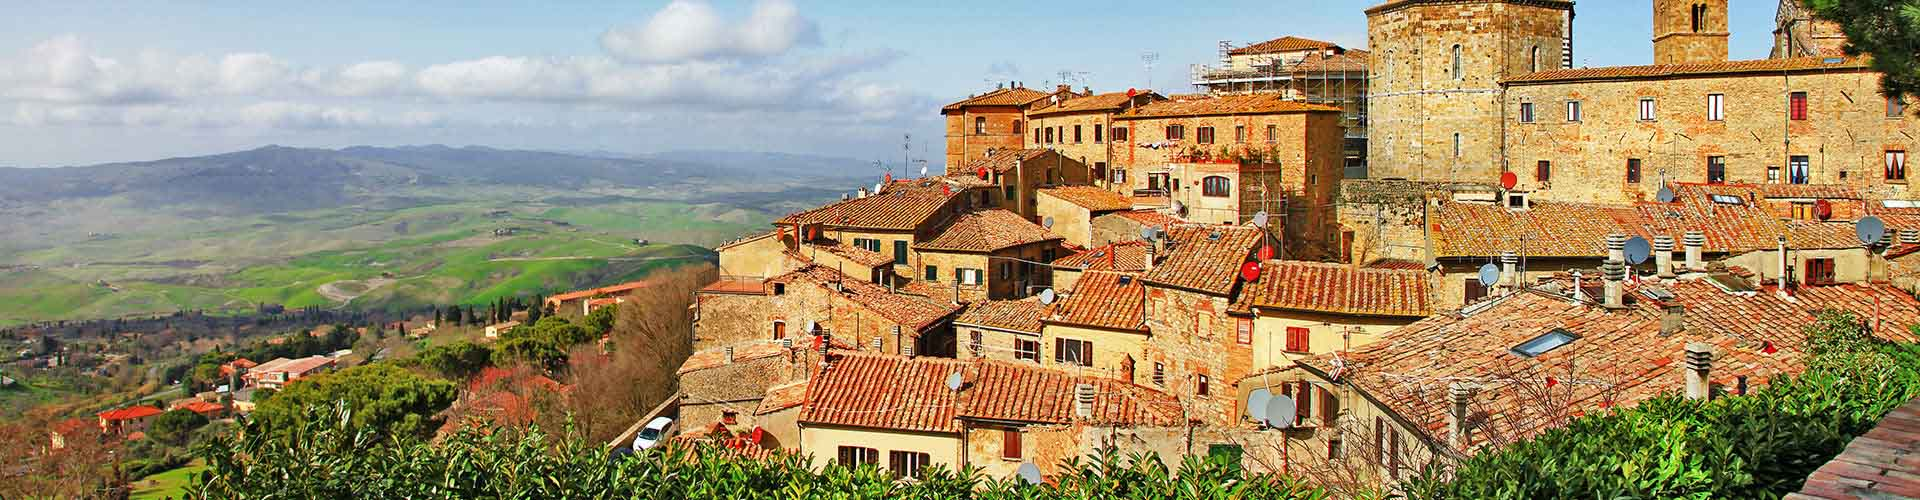 Volterra - Campamentos en Volterra. Mapas de Volterra, Fotos y comentarios de cada Campamento en Volterra.